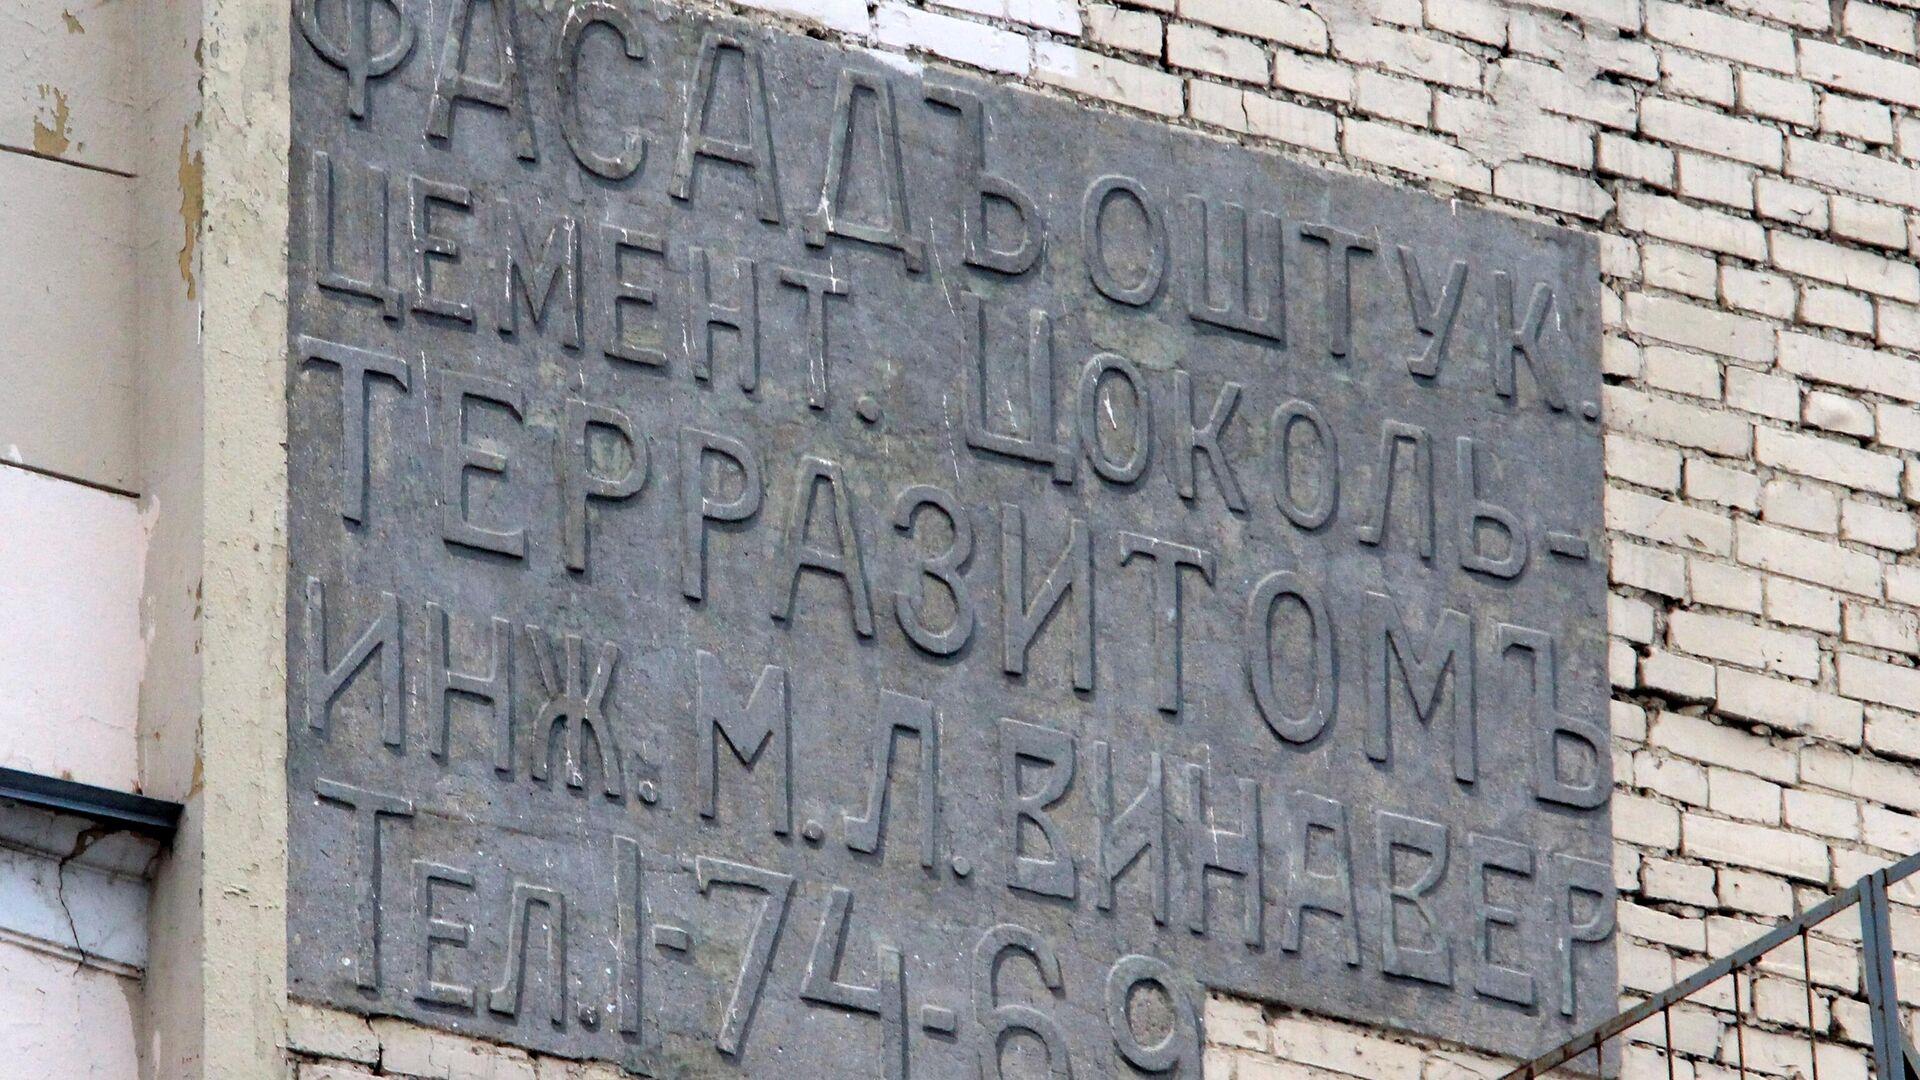 Историческая вывеска Инж. М.Л. Винавер на Чистом переулке, 8 в Москве - РИА Новости, 1920, 27.04.2021